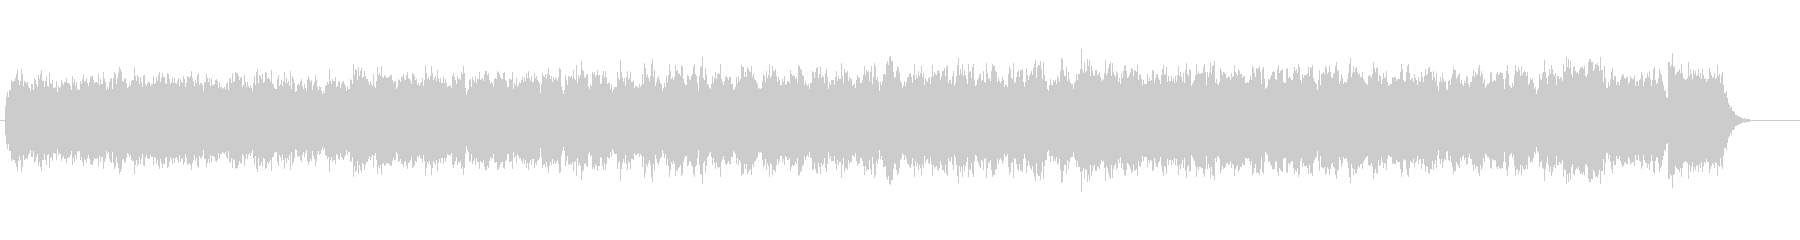 エオリアンハープの未再生の波形